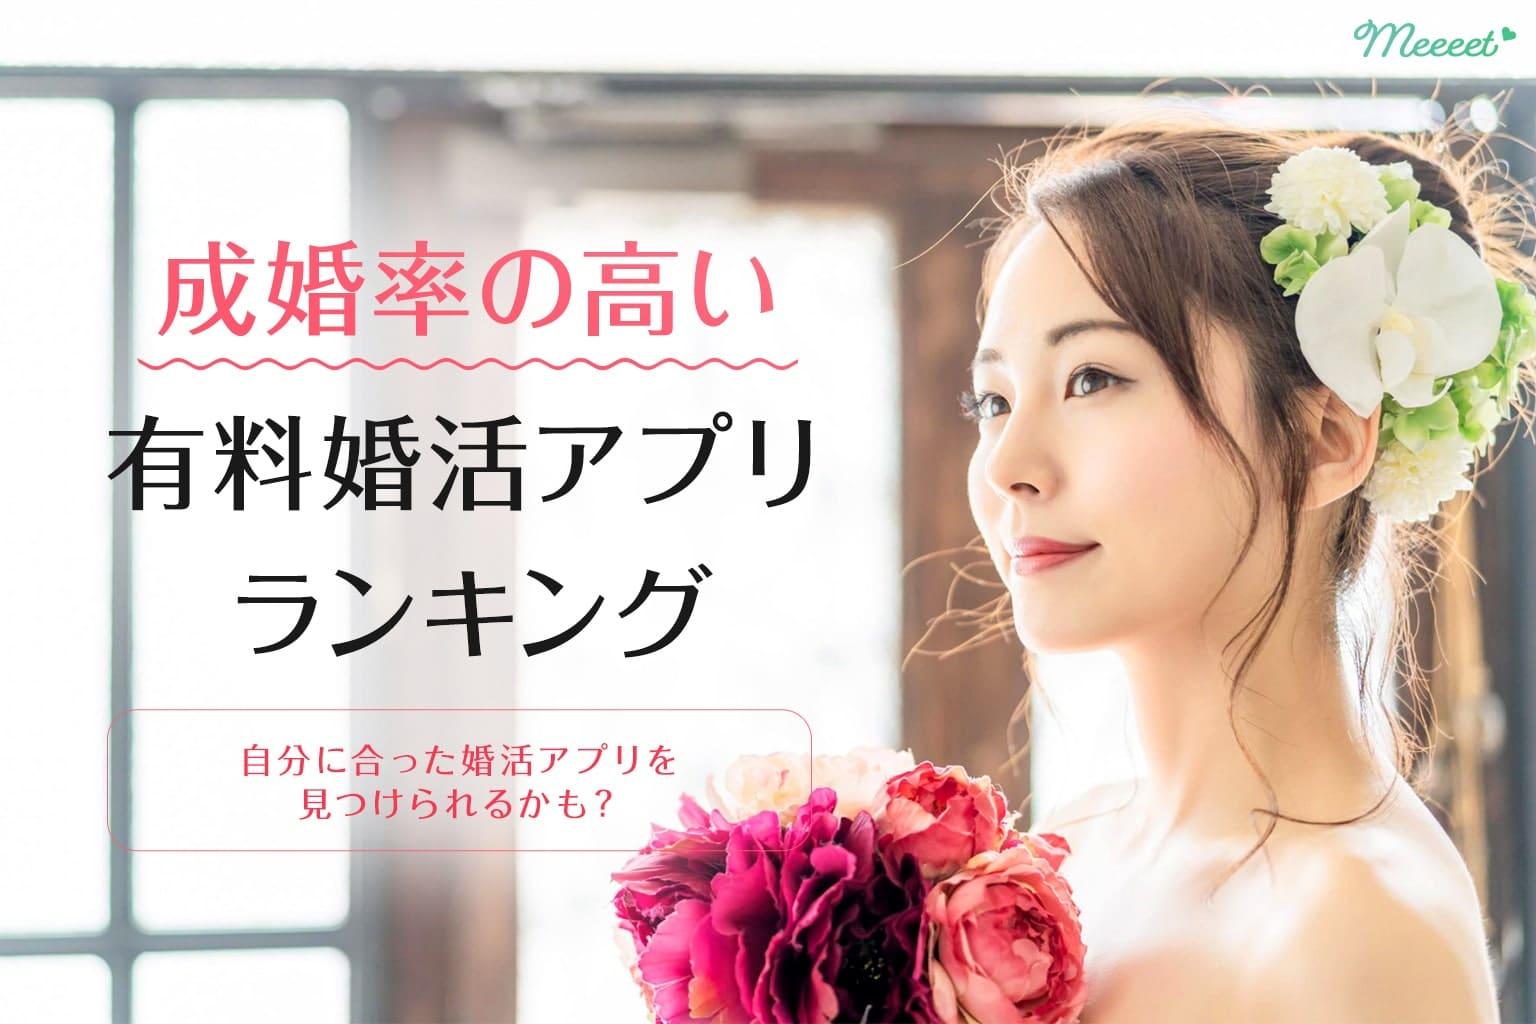 有料の婚活アプリは成婚率が高い?ランキング形式で有料婚活アプリを3つご紹介!